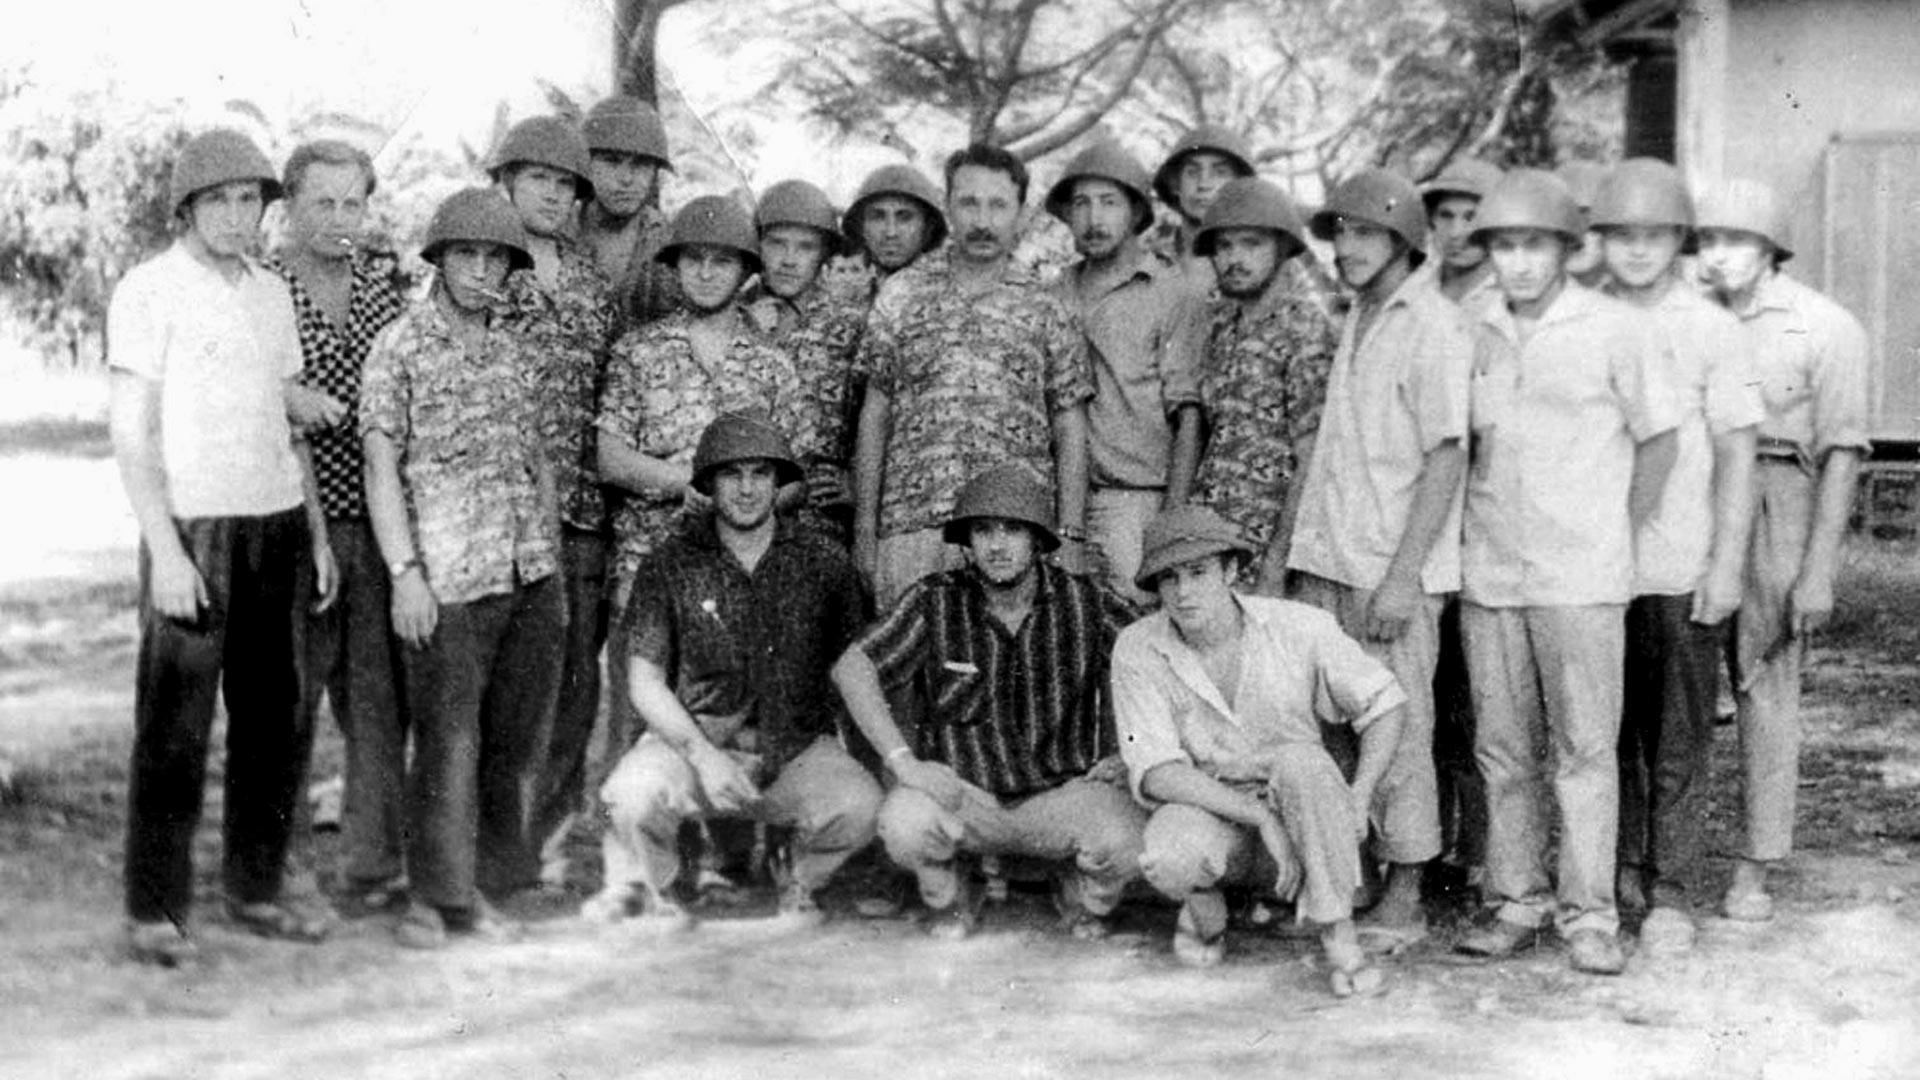 ボリス・モザエフ少佐の大隊、1965年7月21日